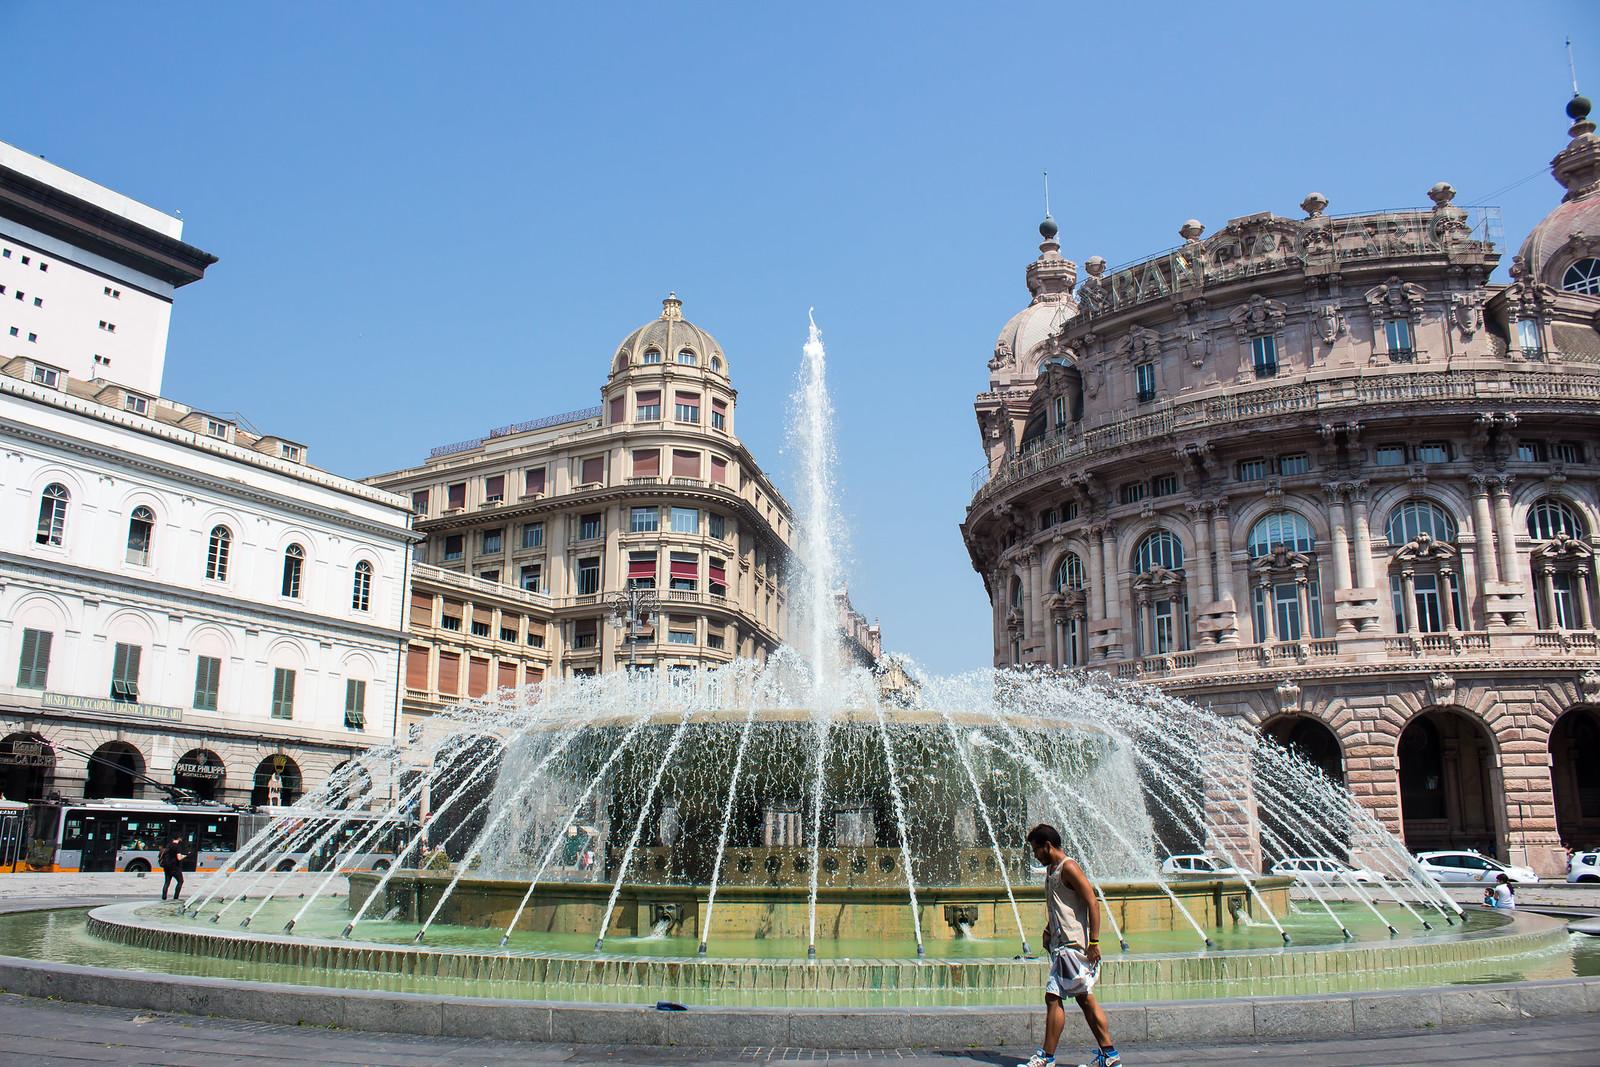 Генуя - Ну и в центрпе площади Феррари, прекрасный фонтант